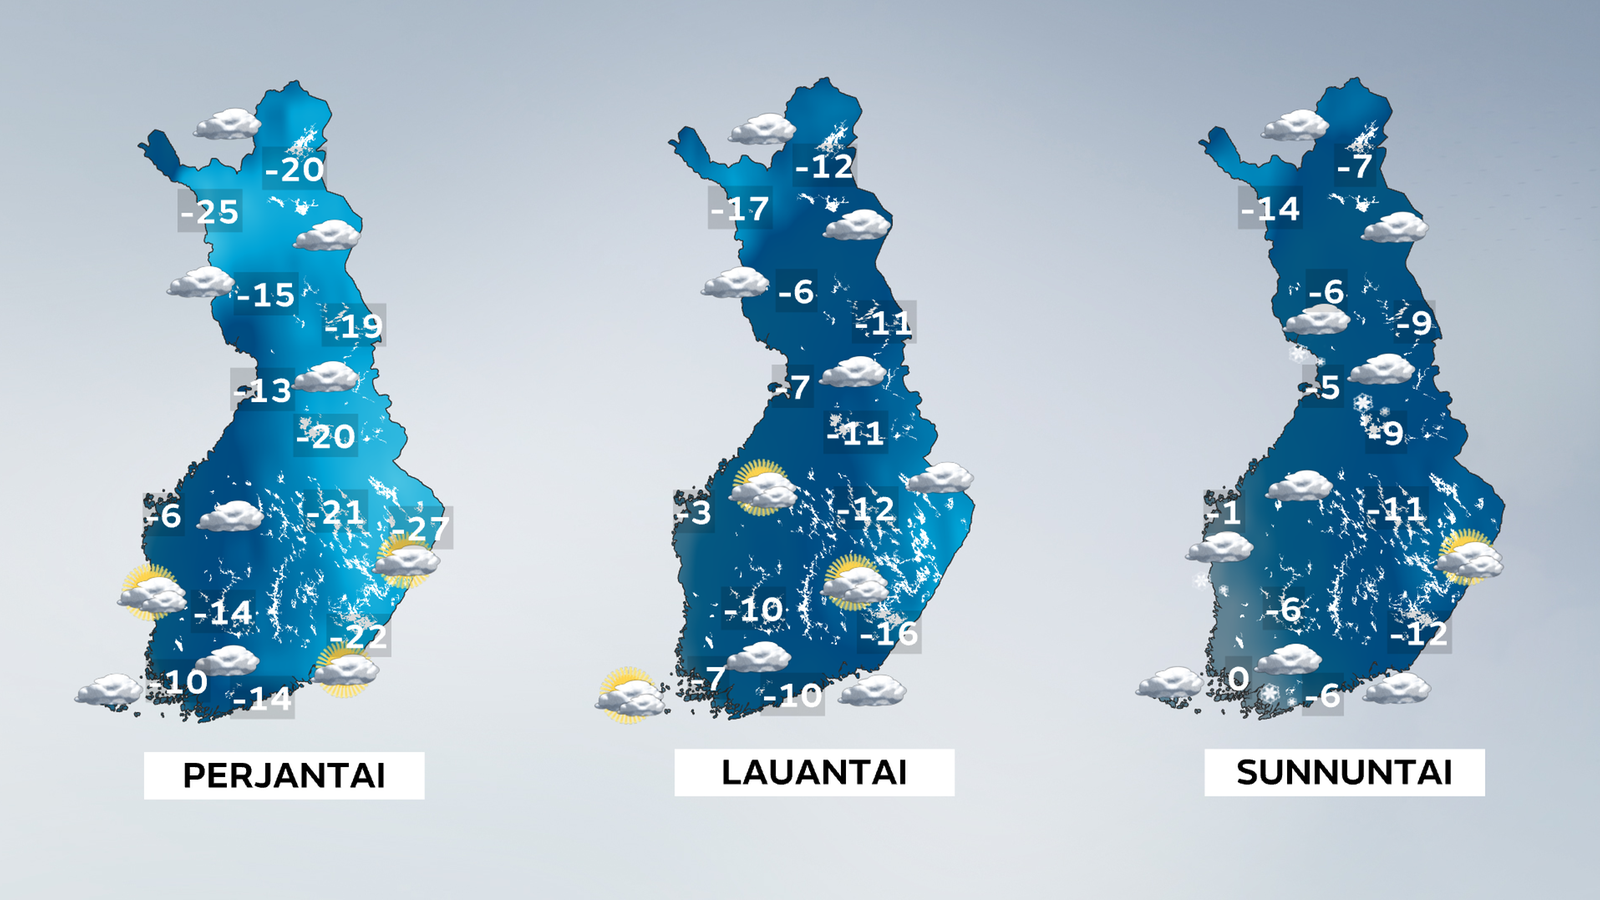 Sää lauhtuu rajusti viikonloppuna: Lämpötila kohoaa 10-30 astetta - Kotimaa - Uutiset - MTV.fi